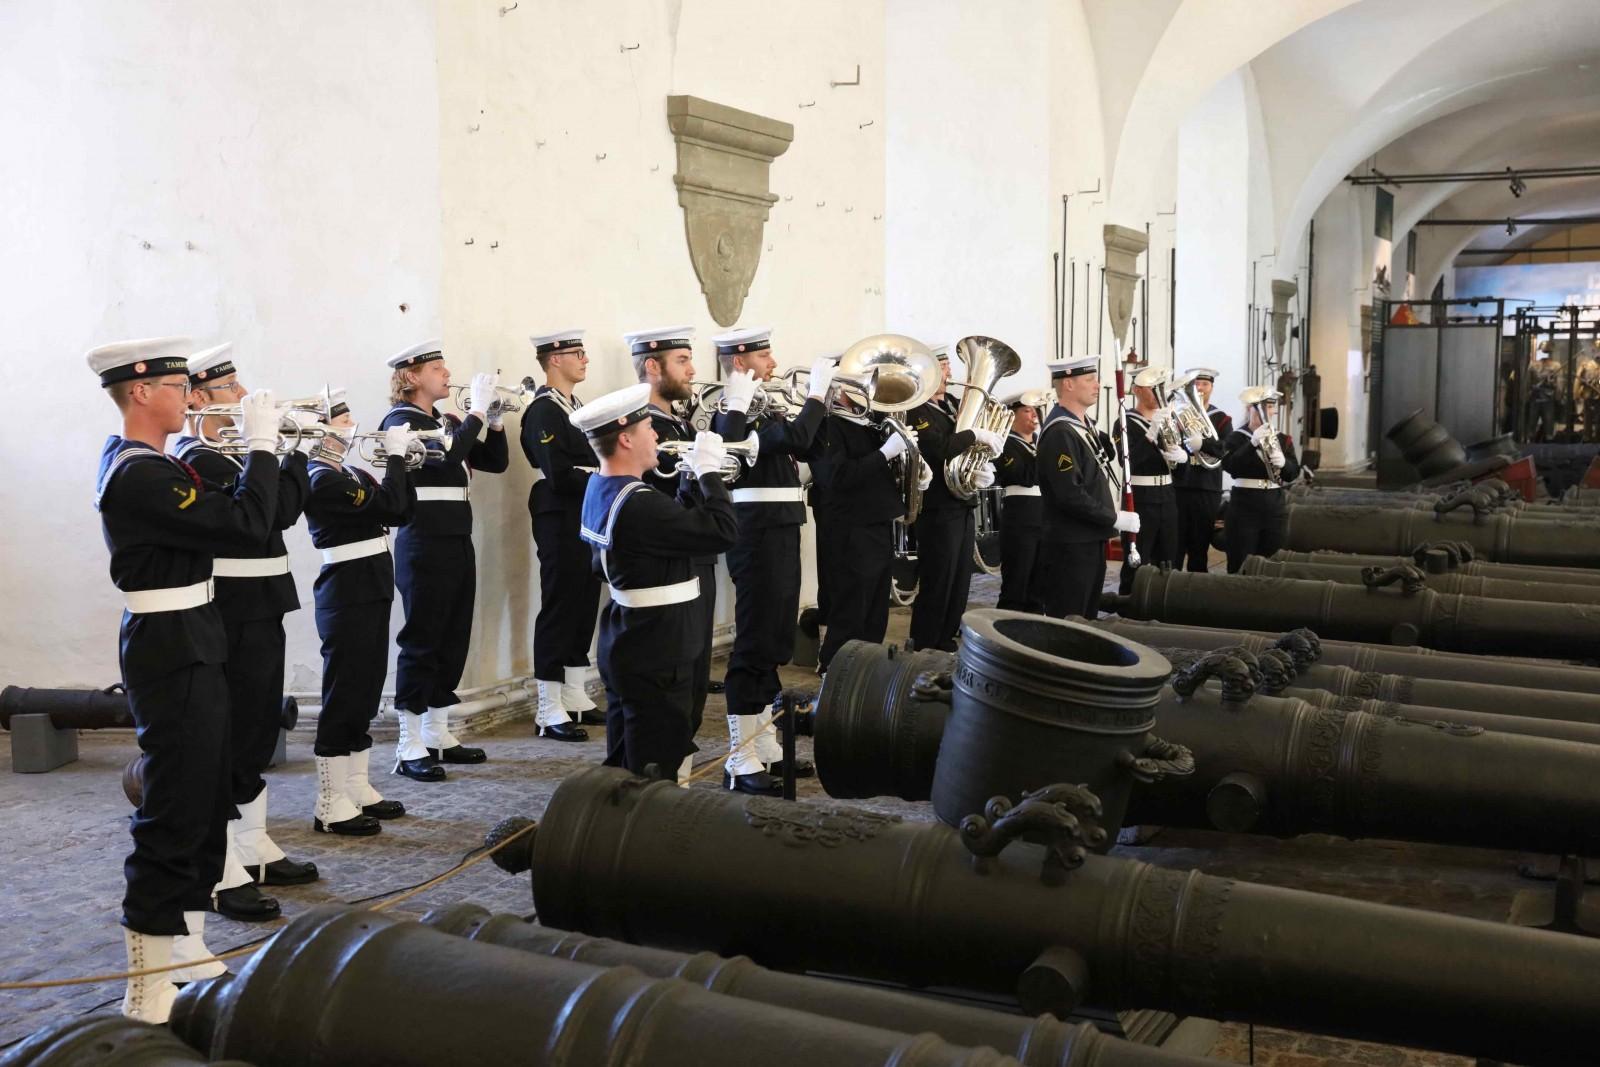 <h1>Danmark som sømagt fra Chr. den 4 og til i dag</h1><h4>Nyåbnet udstilling på Tøjhusmuseet i København </h4>